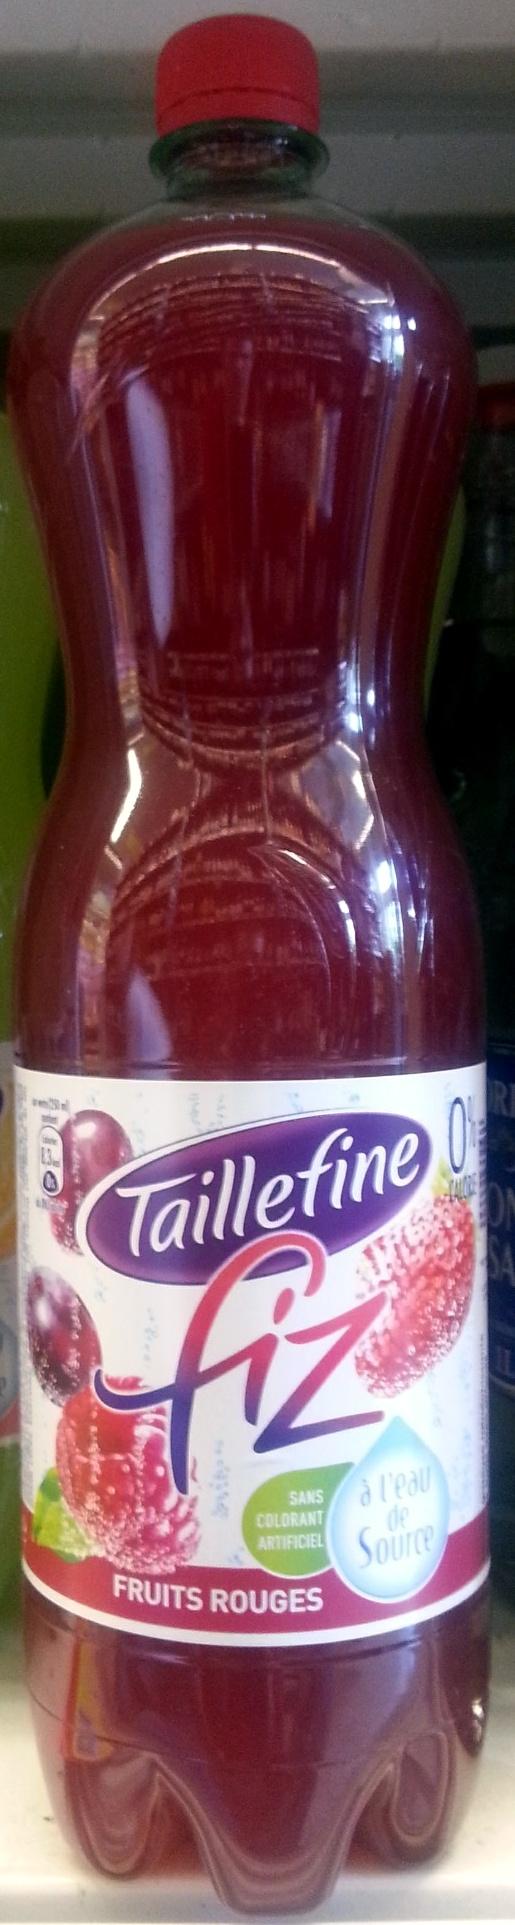 Taillefine Fiz Fruits Rouges - Produit